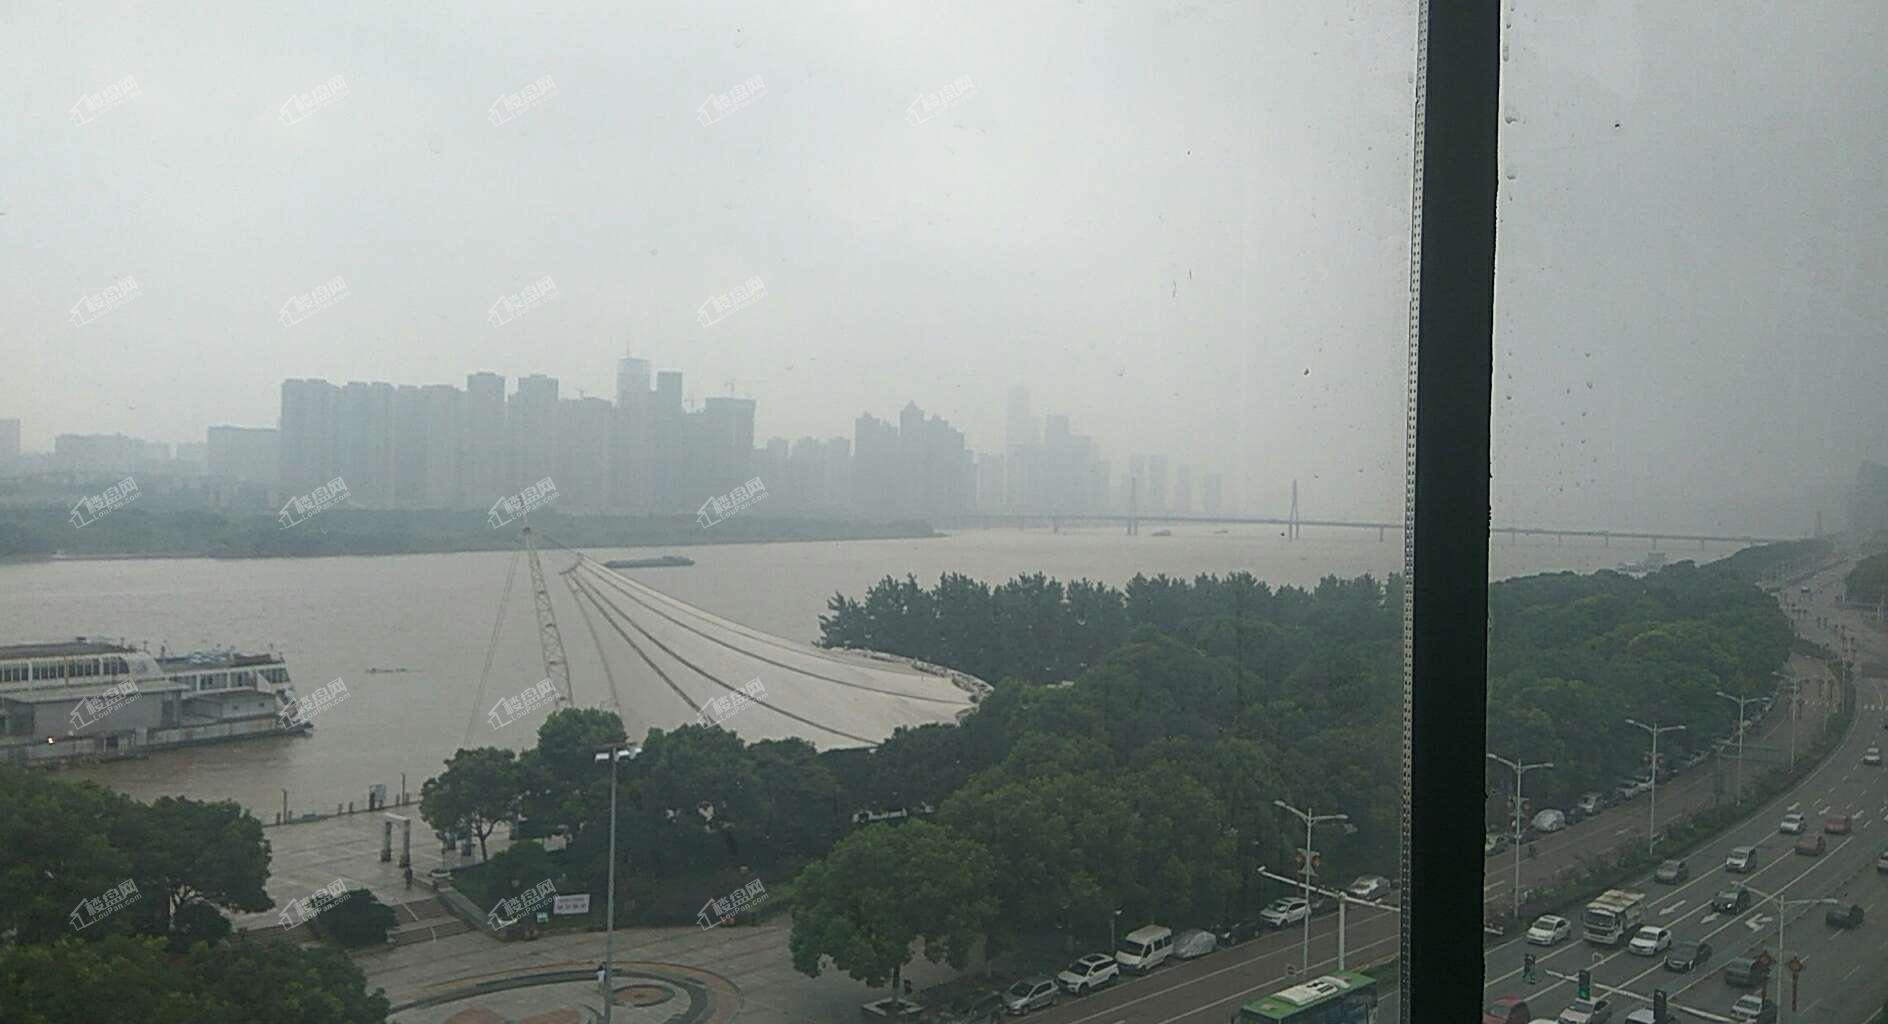 窗户外看江景